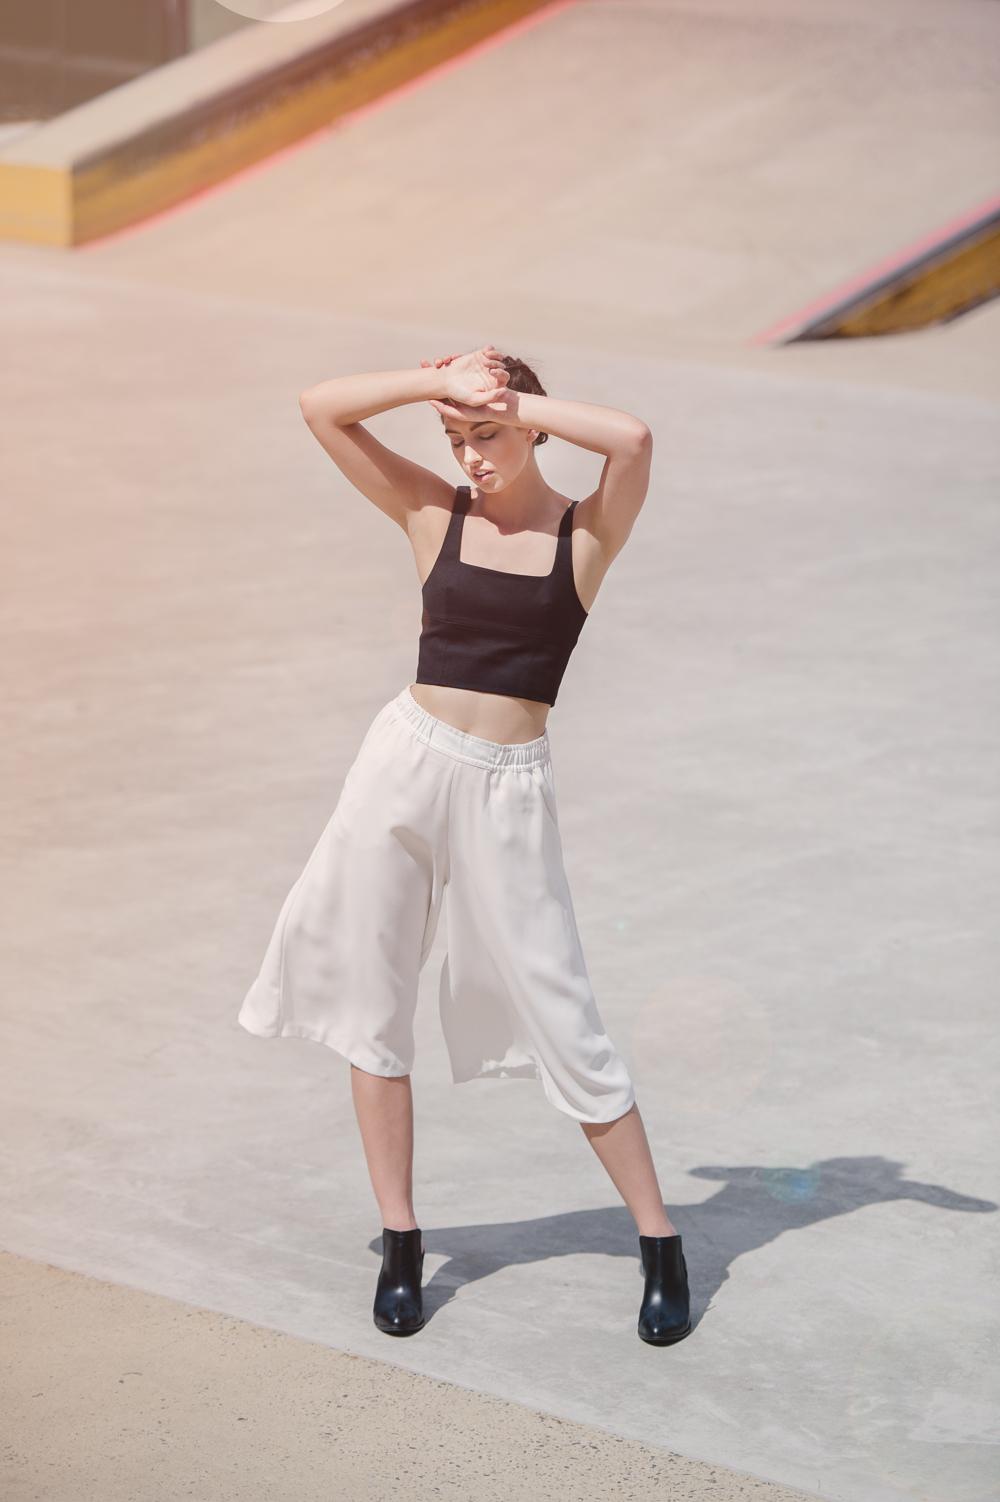 fashion-photography-photoshoot-streetstyle